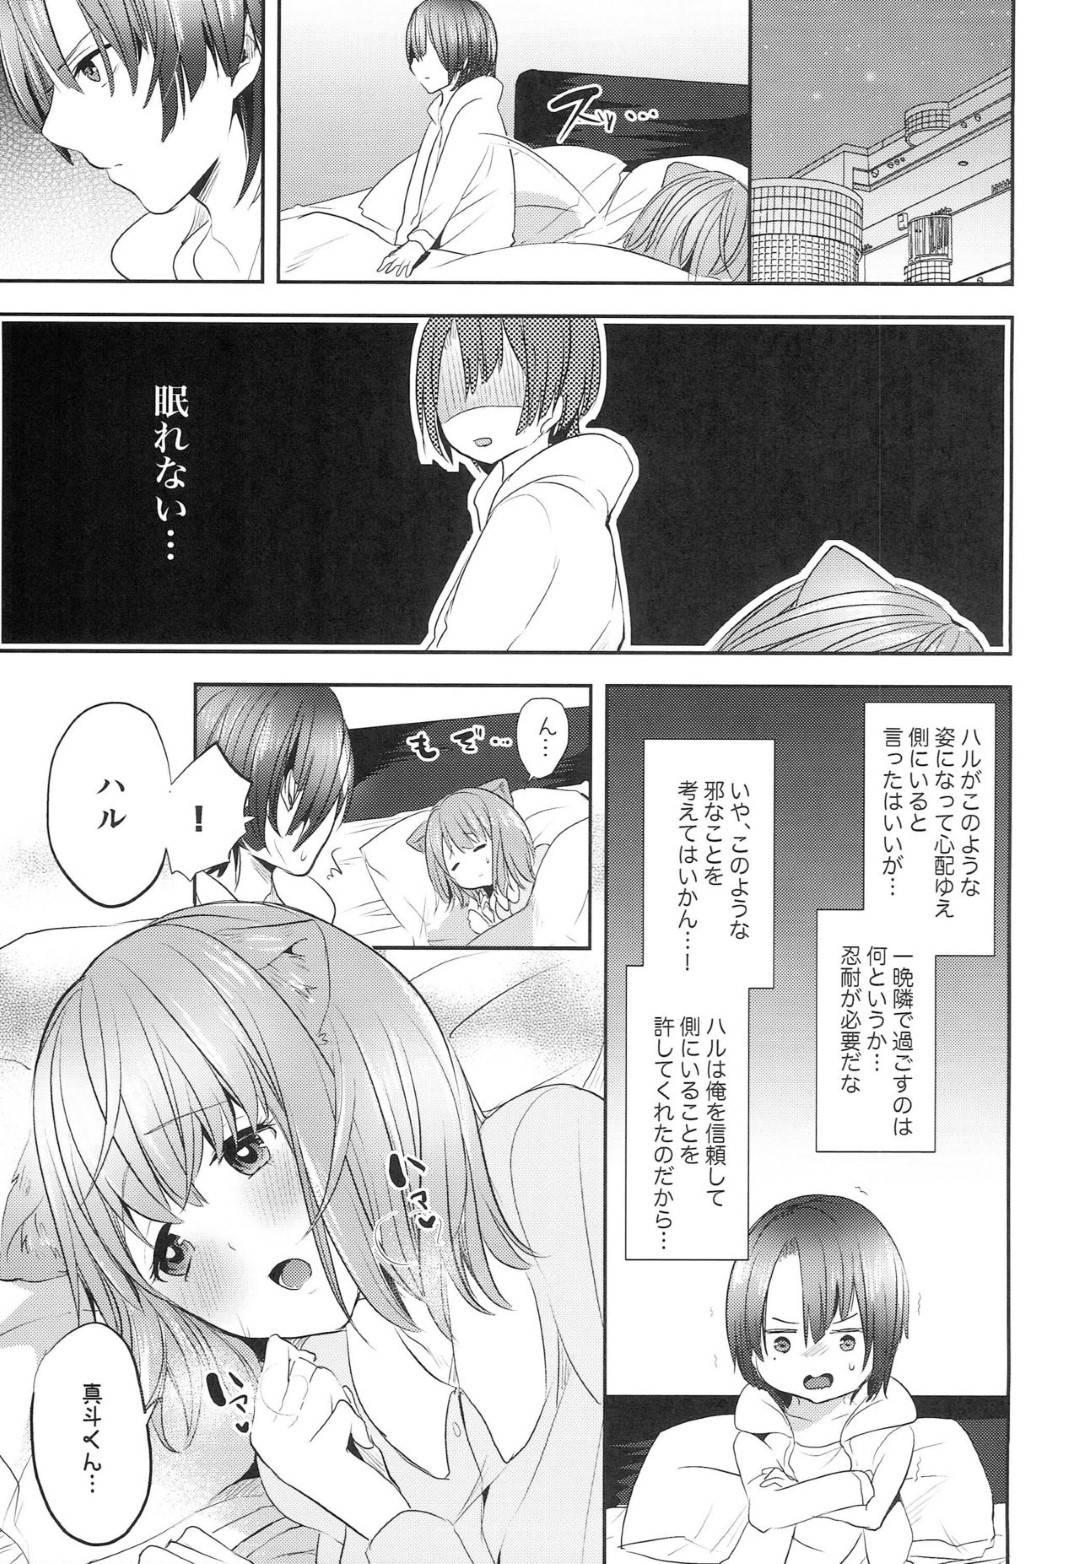 【エロ漫画】猫の身体になった影響で発情を抑えられなくなってしまった春歌。オナニーだけで済まなくなった彼女は寝ている蘭丸に夜這いし、積極的にセックスを求める!